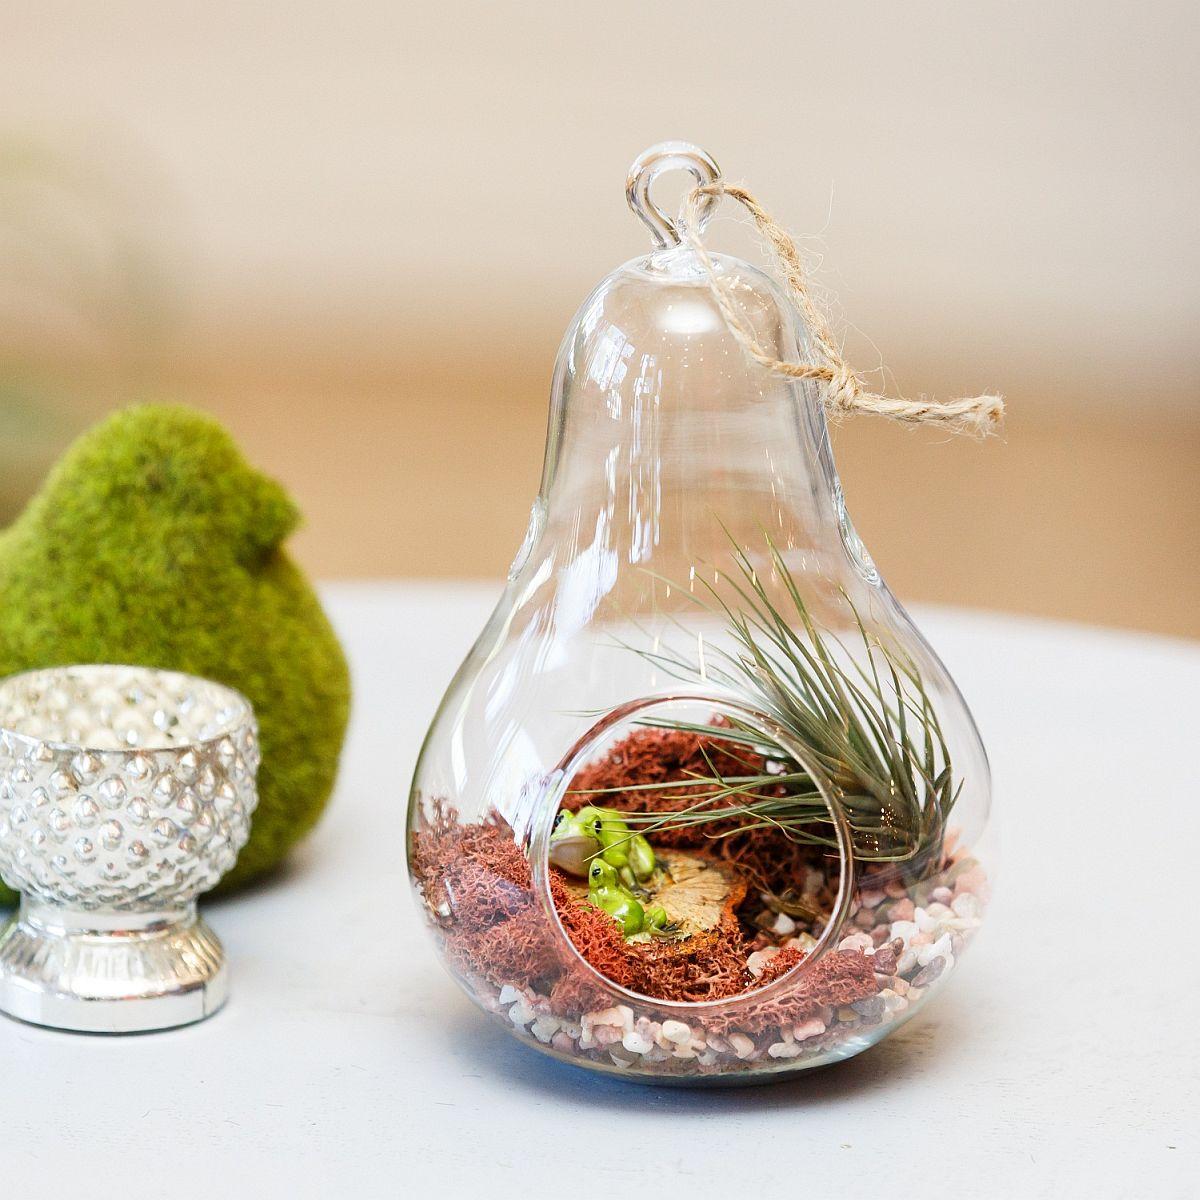 Simple-and-elegant-glass-terrarium